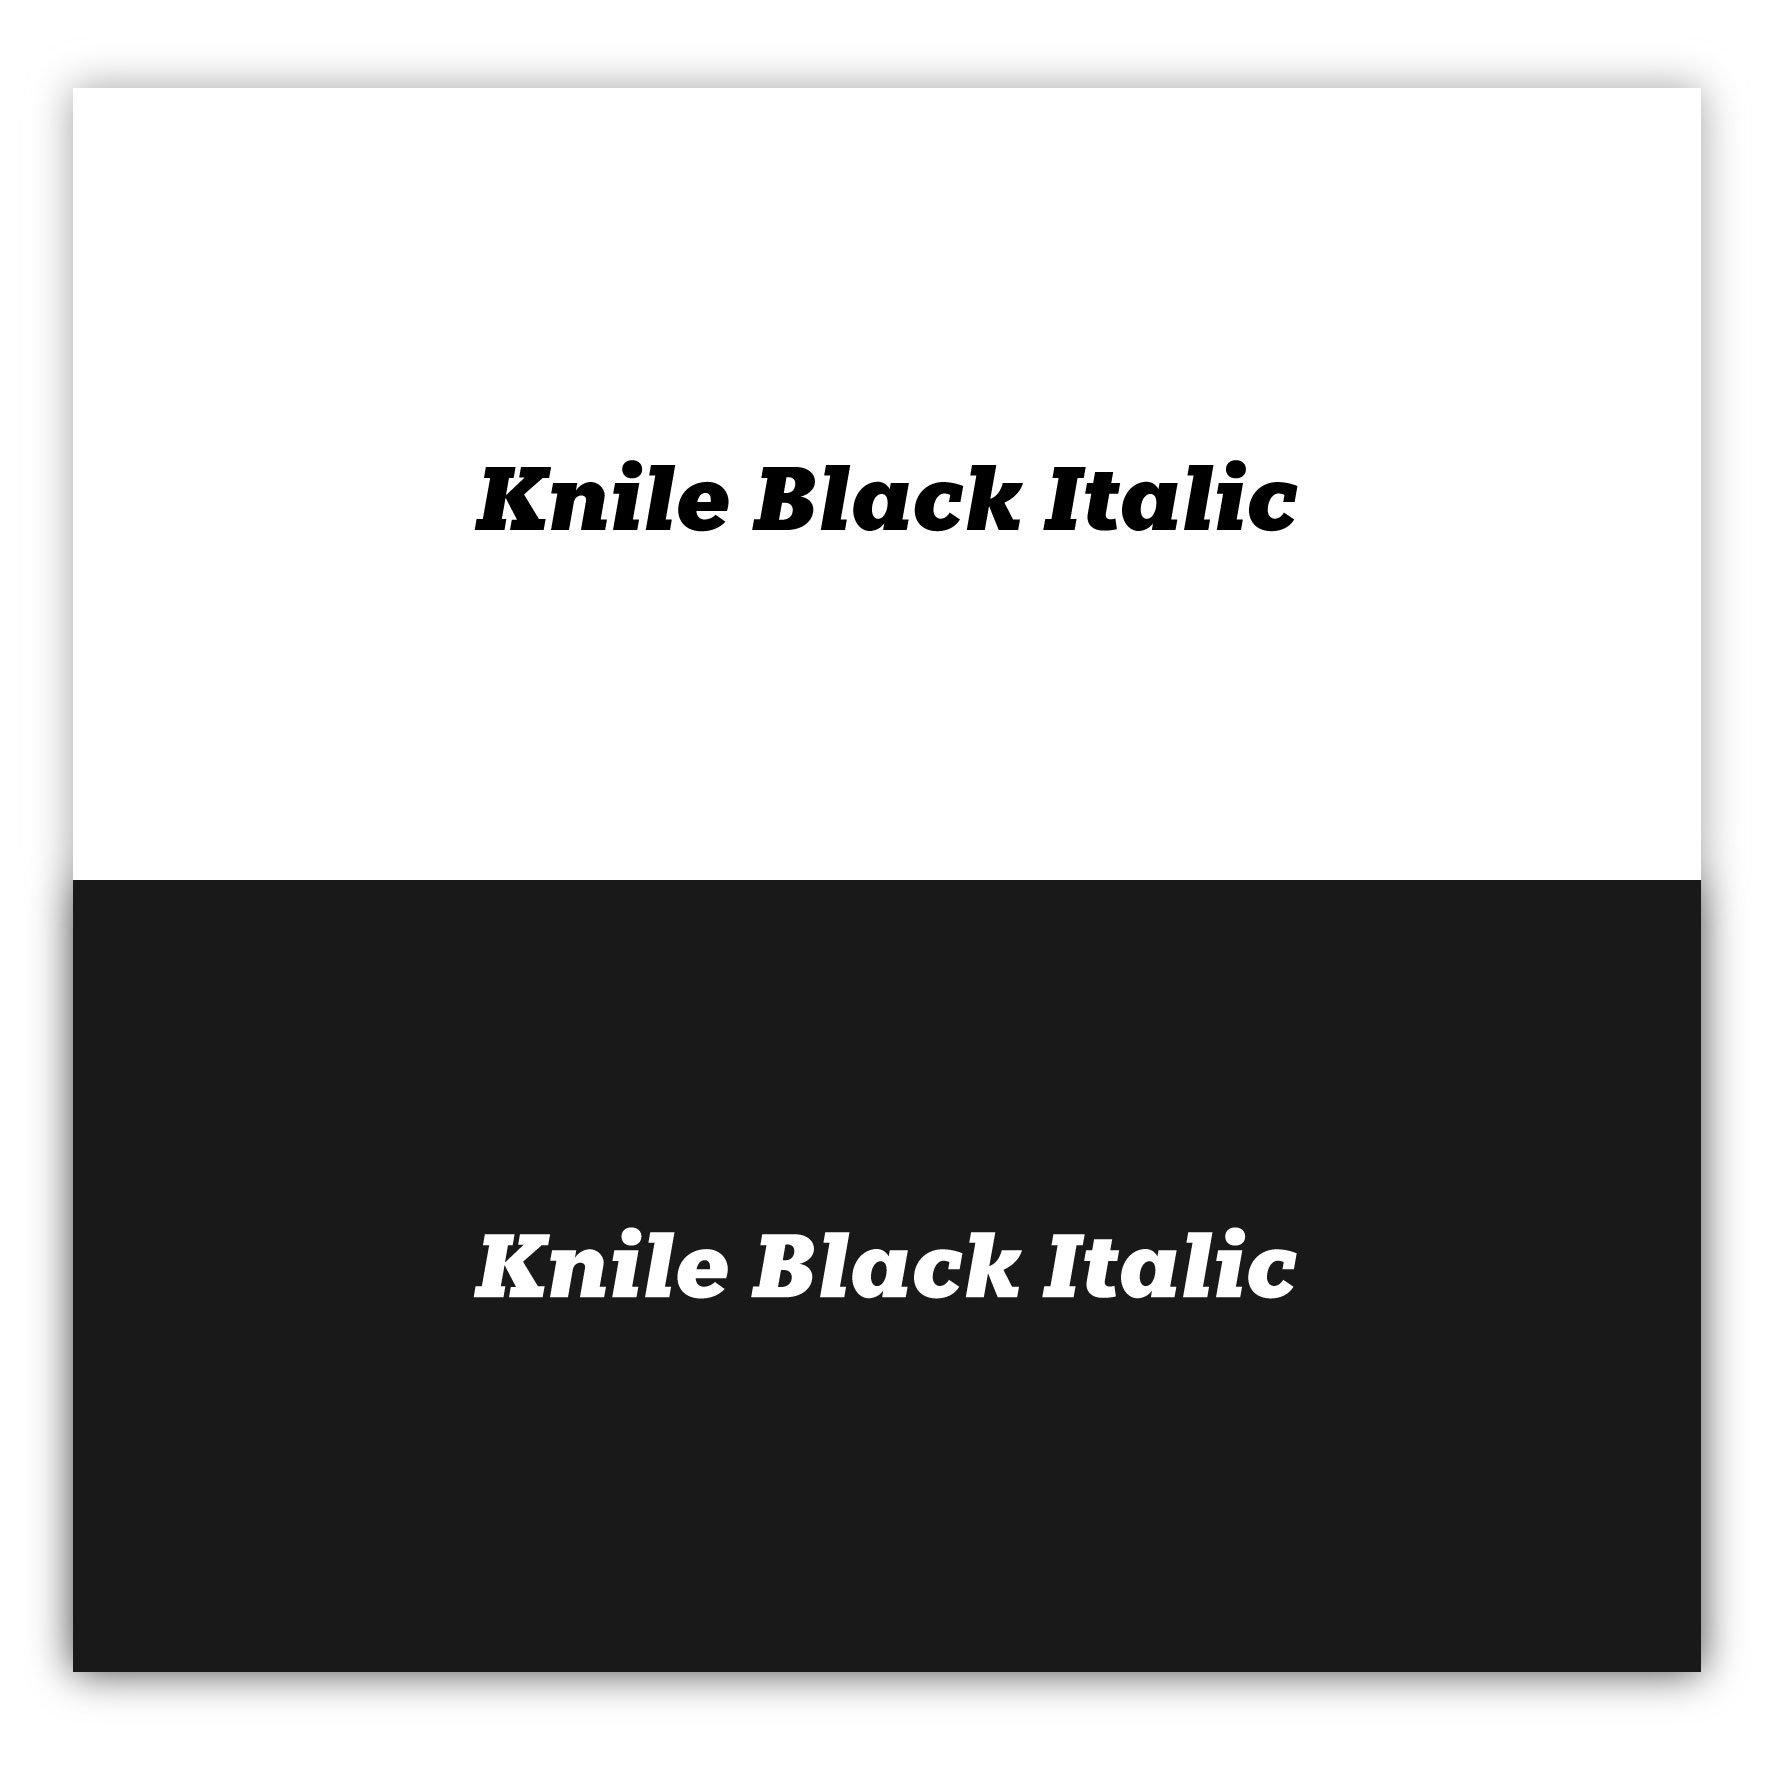 Knile Black Italic